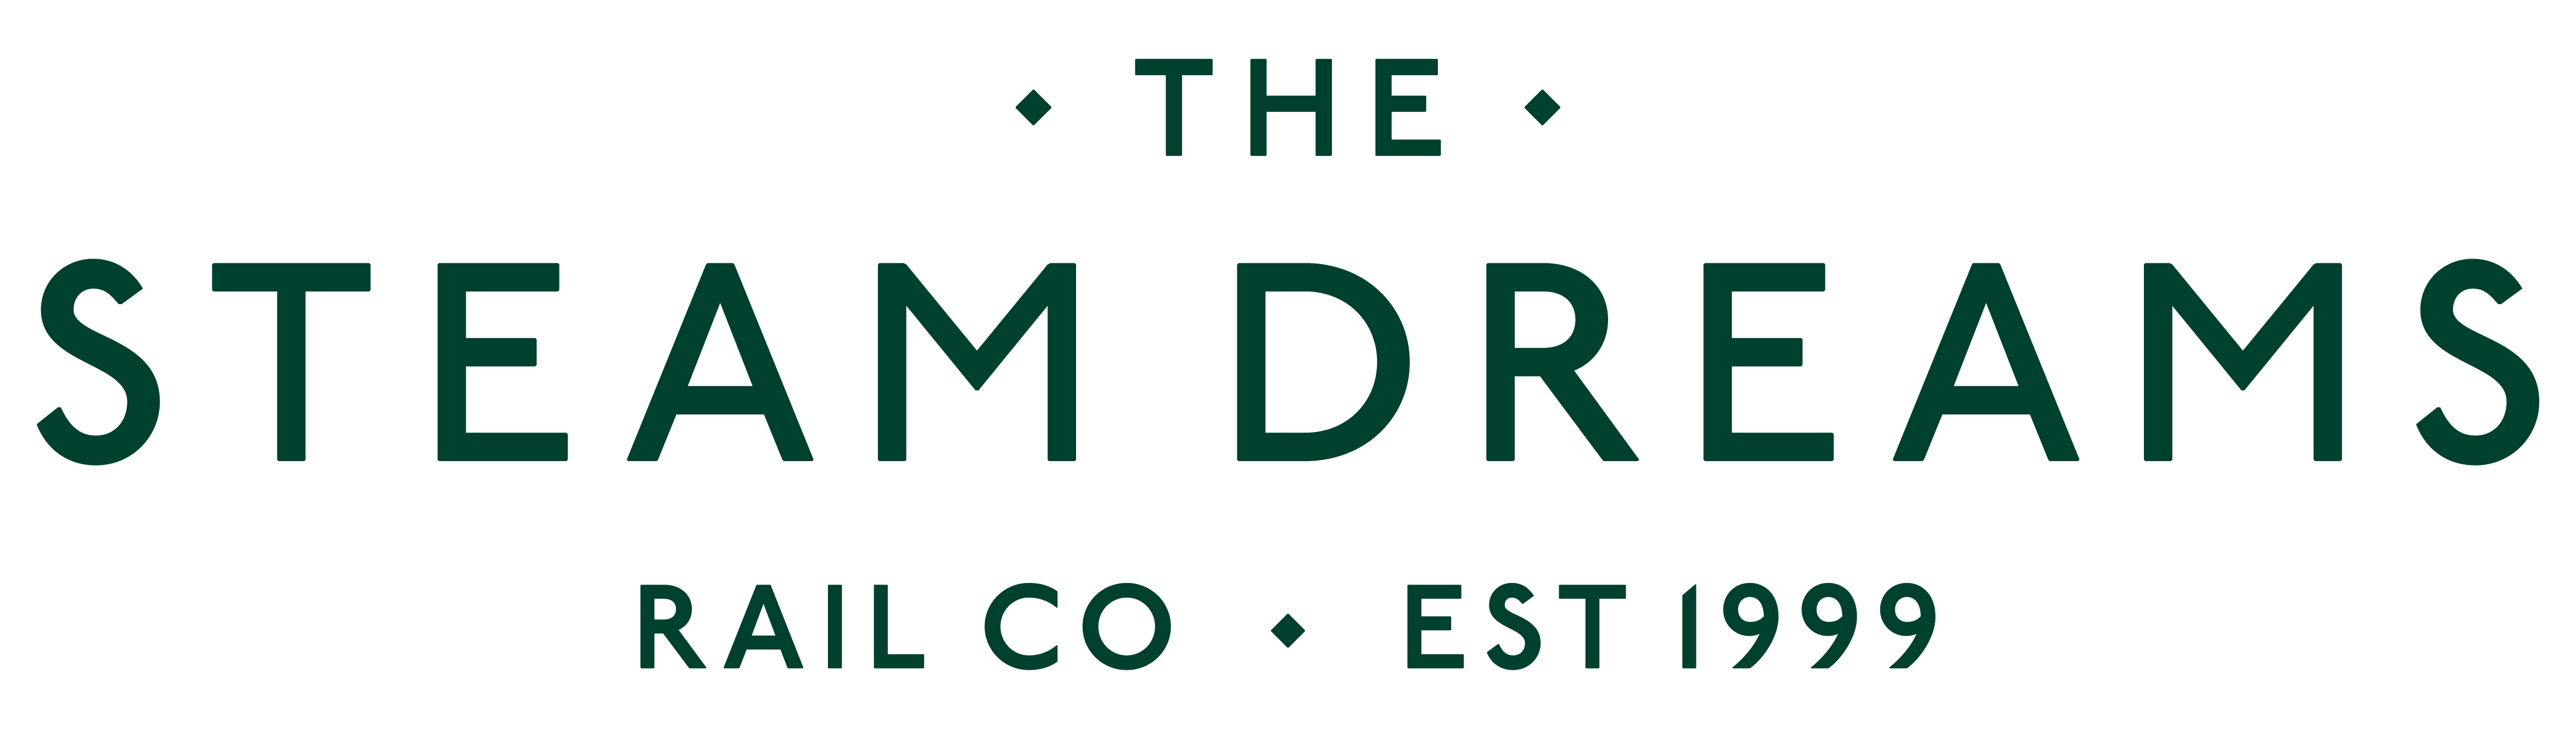 The Steam Dreams Rail Co blog